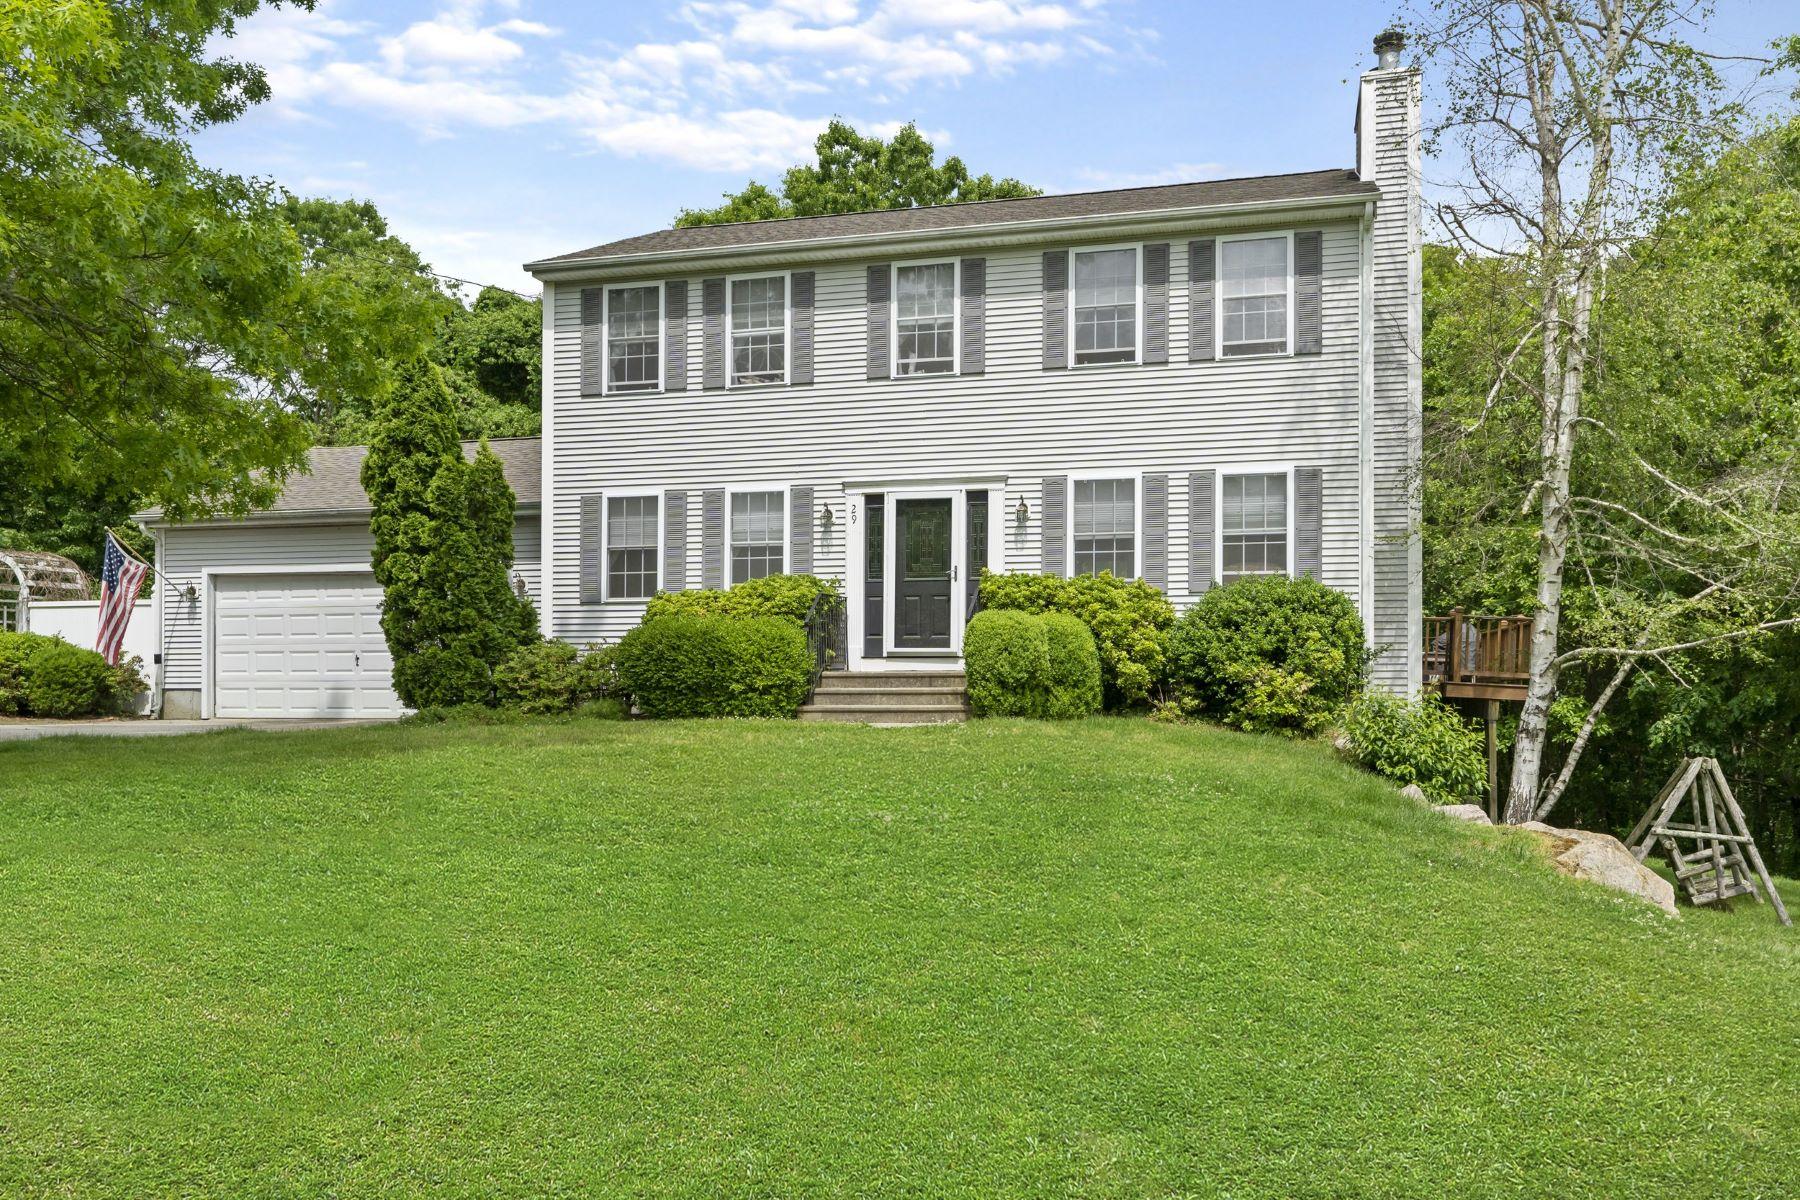 single family homes voor Verkoop op 29 Breton Dr, Charlestown, RI Charlestown, Rhode Island 02813 Verenigde Staten